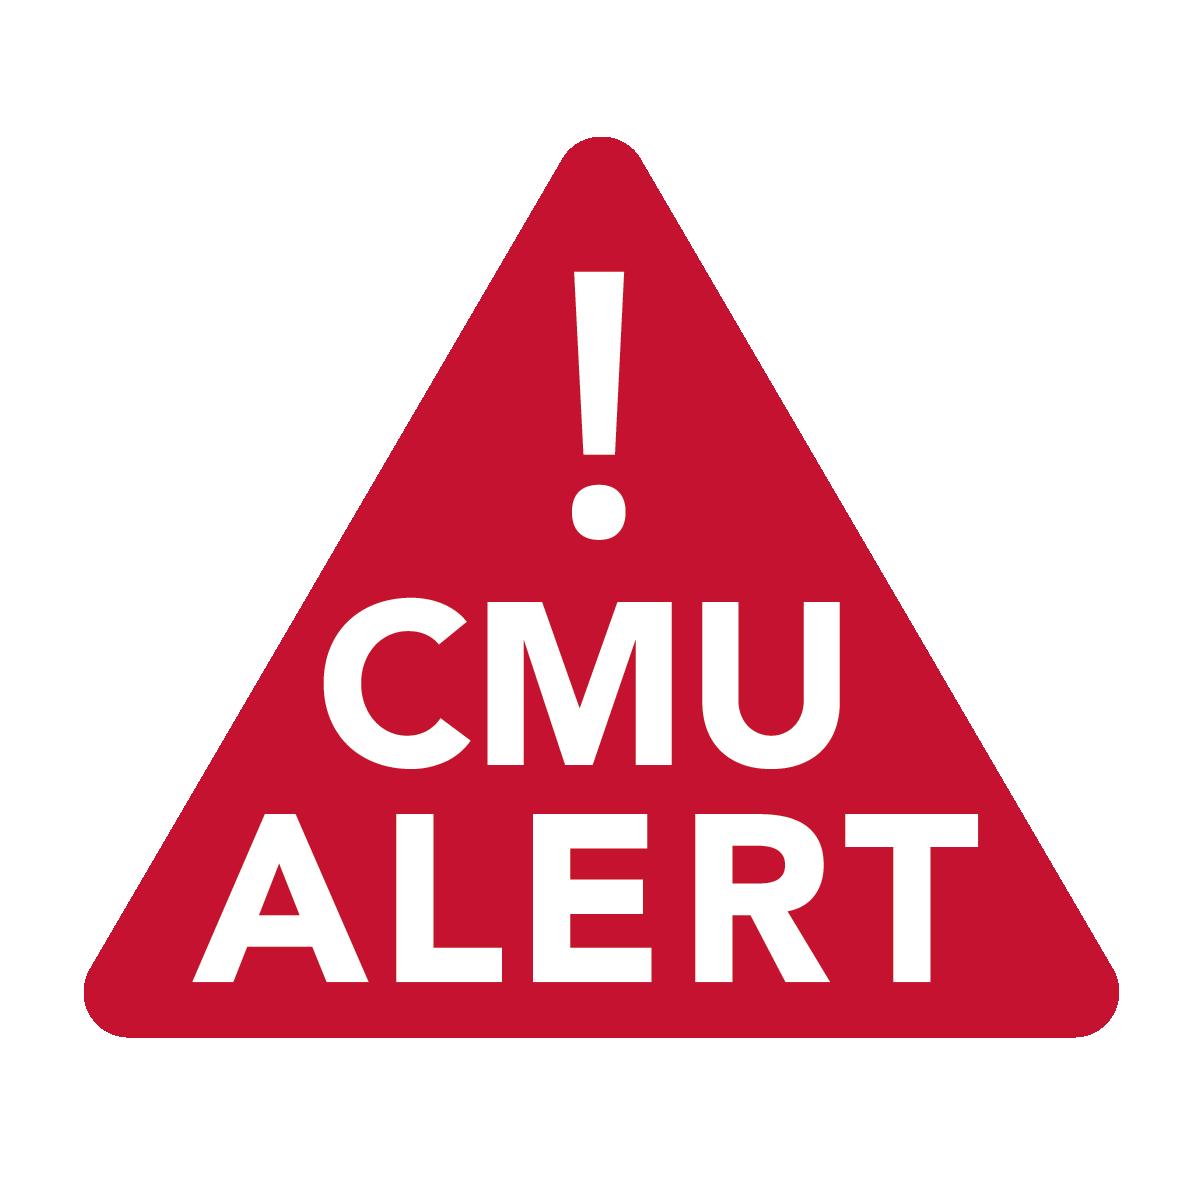 CMU Alert - CMU-Alert Emergency Notification System